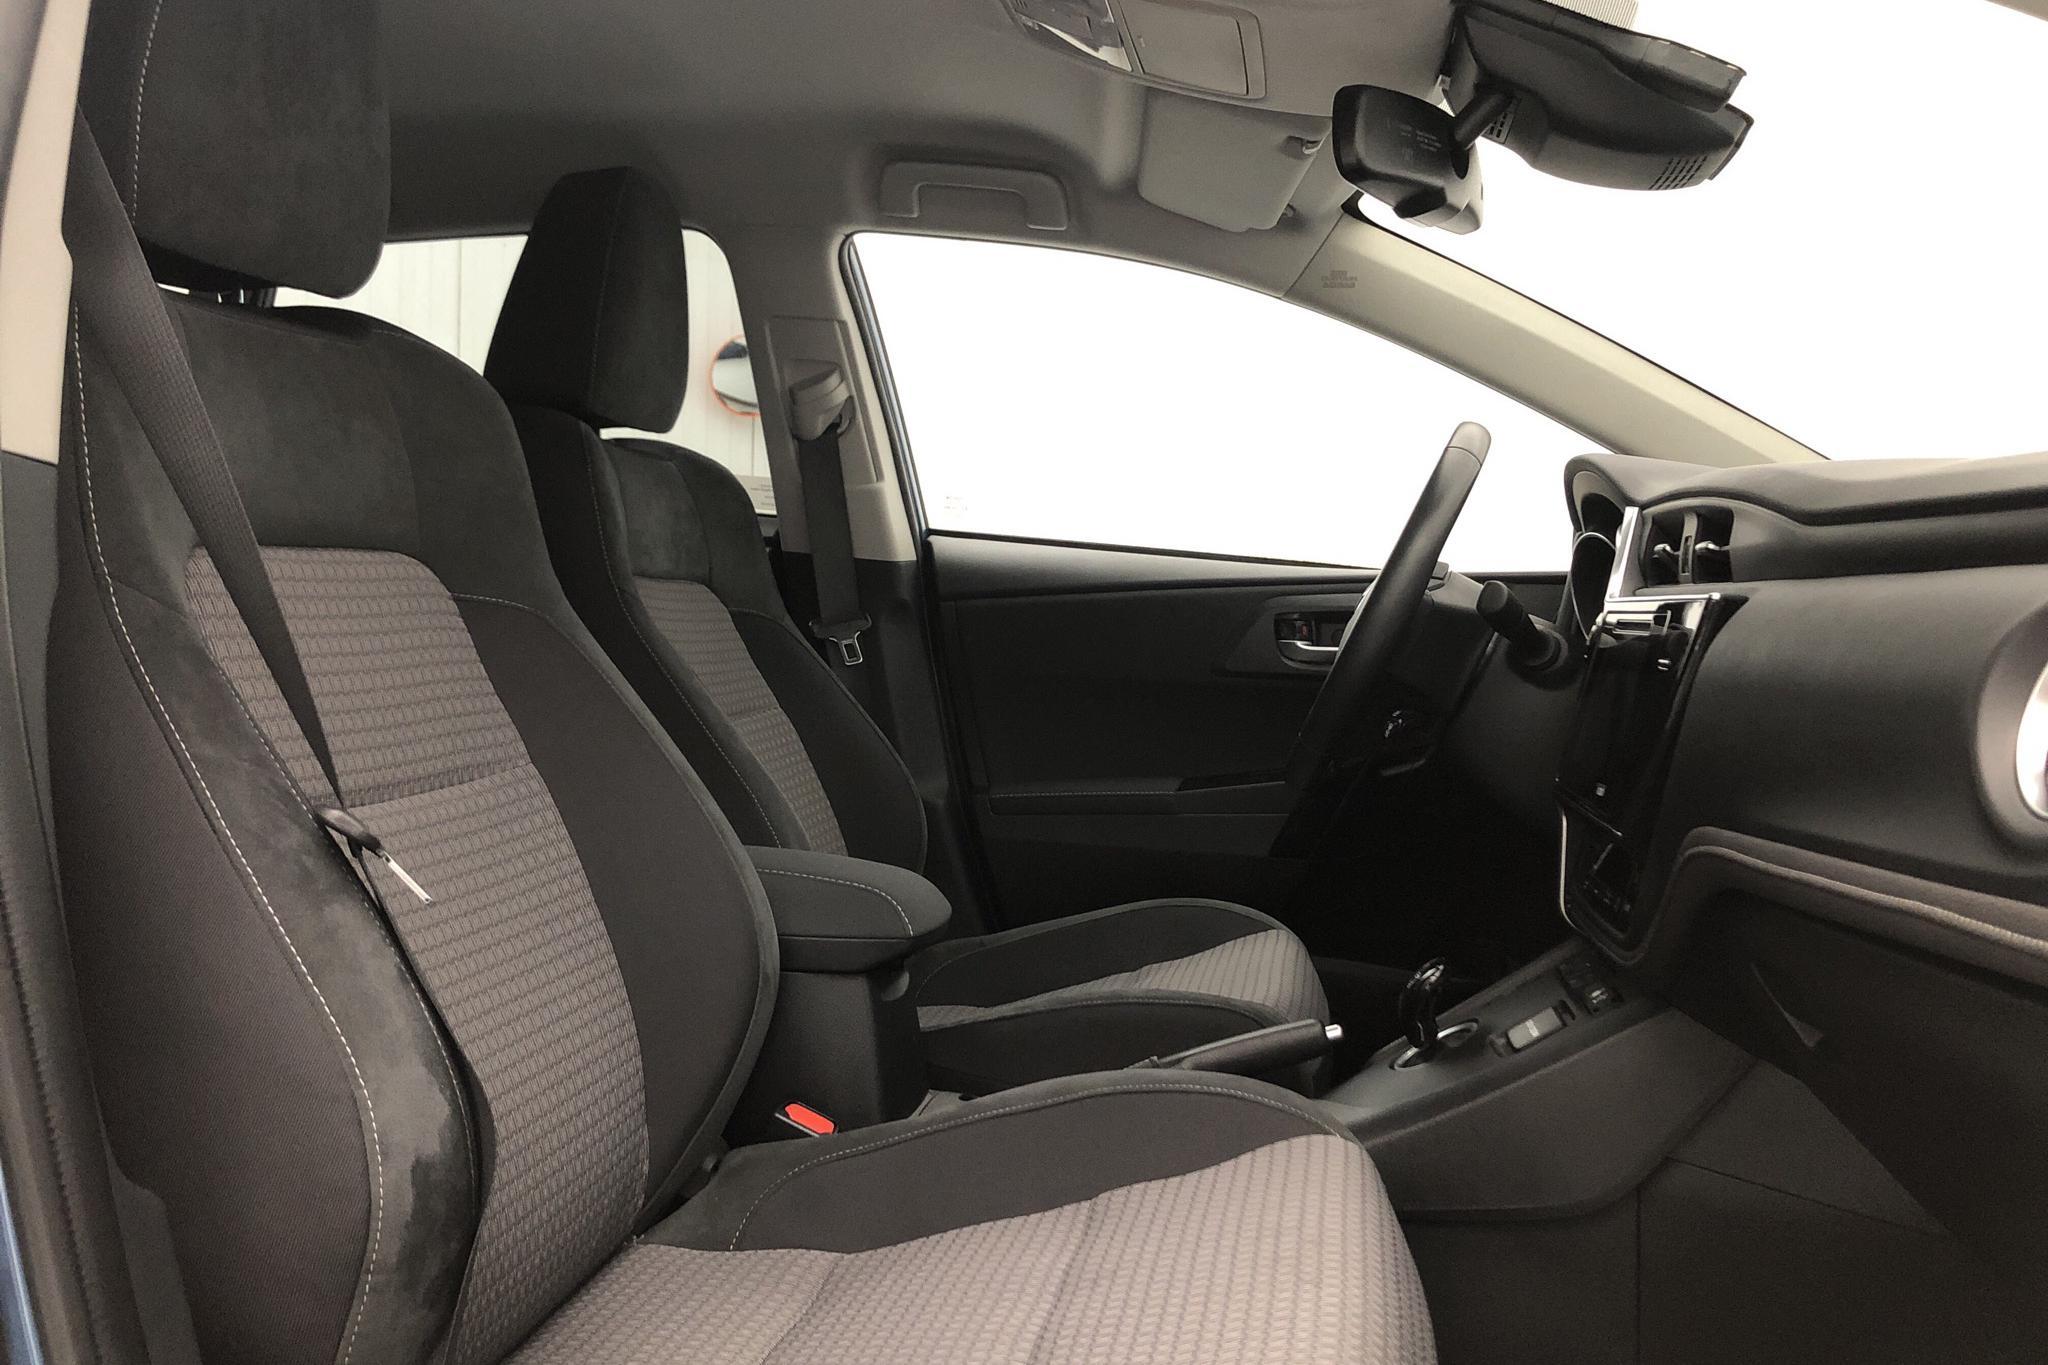 Toyota Auris 1.8 HSD 5dr (99hk) - 14 530 km - Automatic - blue - 2017